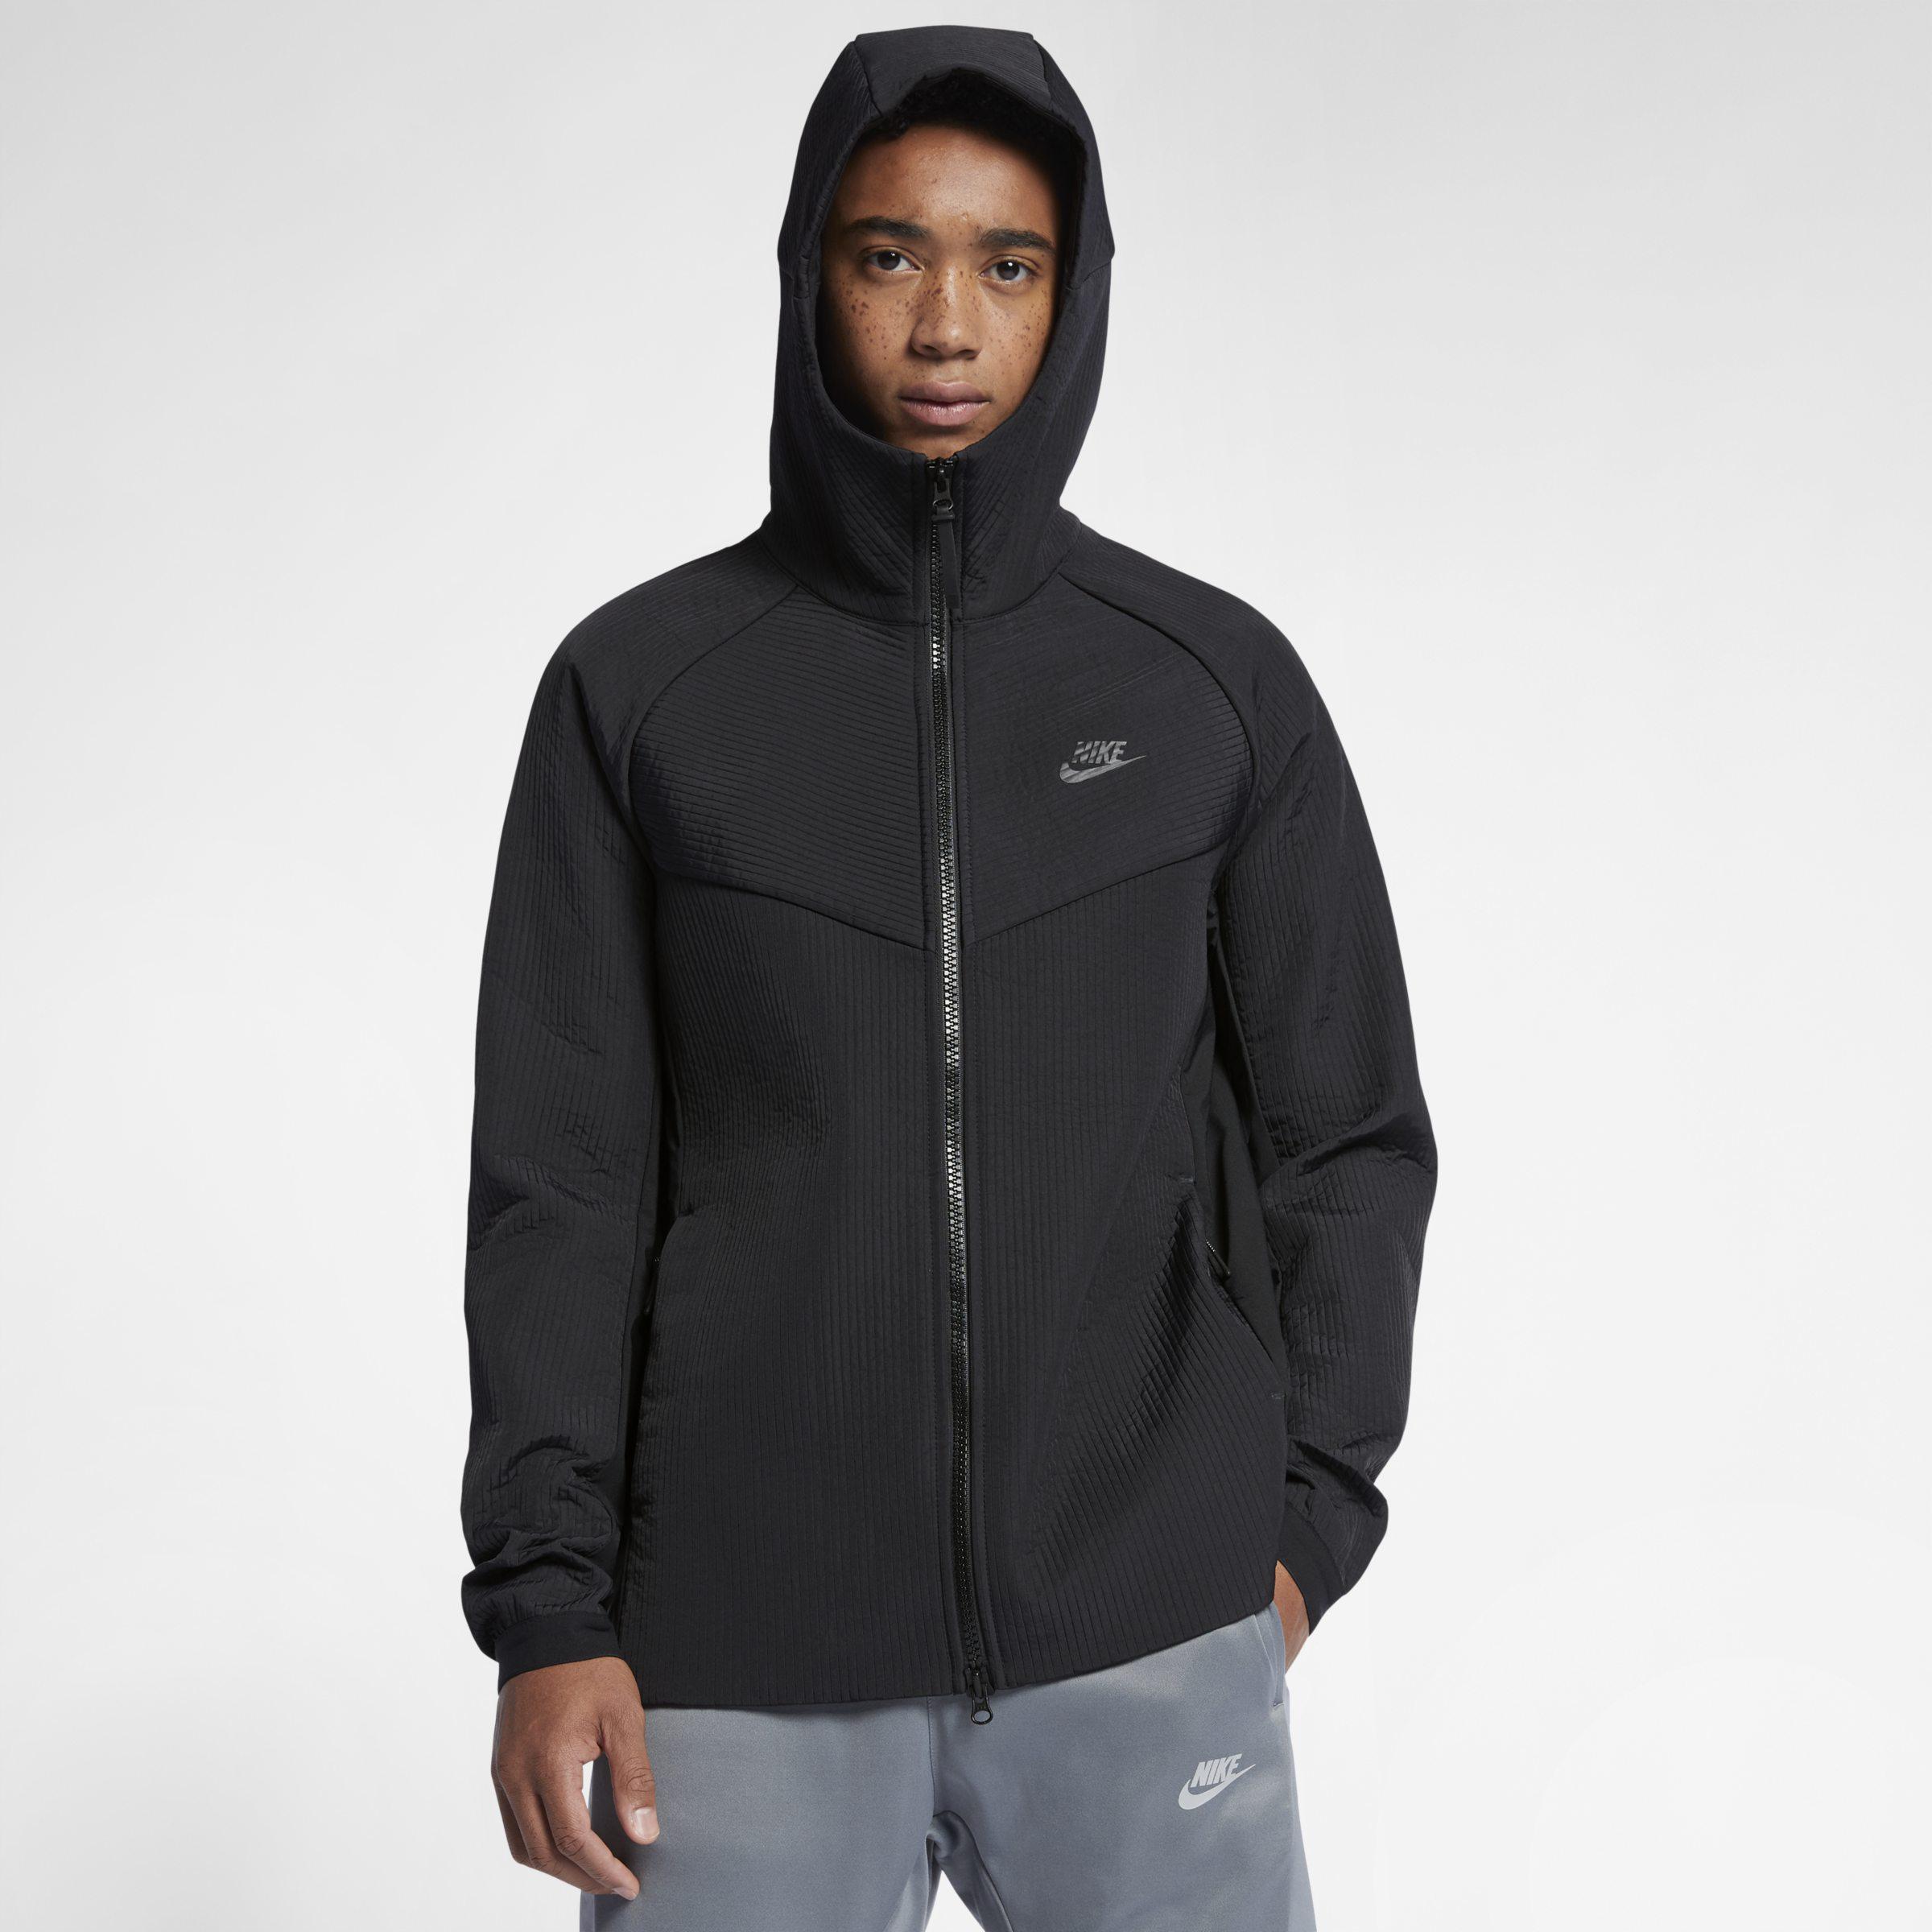 91a6689bedf Lyst - Veste Sportswear Tech Pack pour Homme Nike pour homme en ...